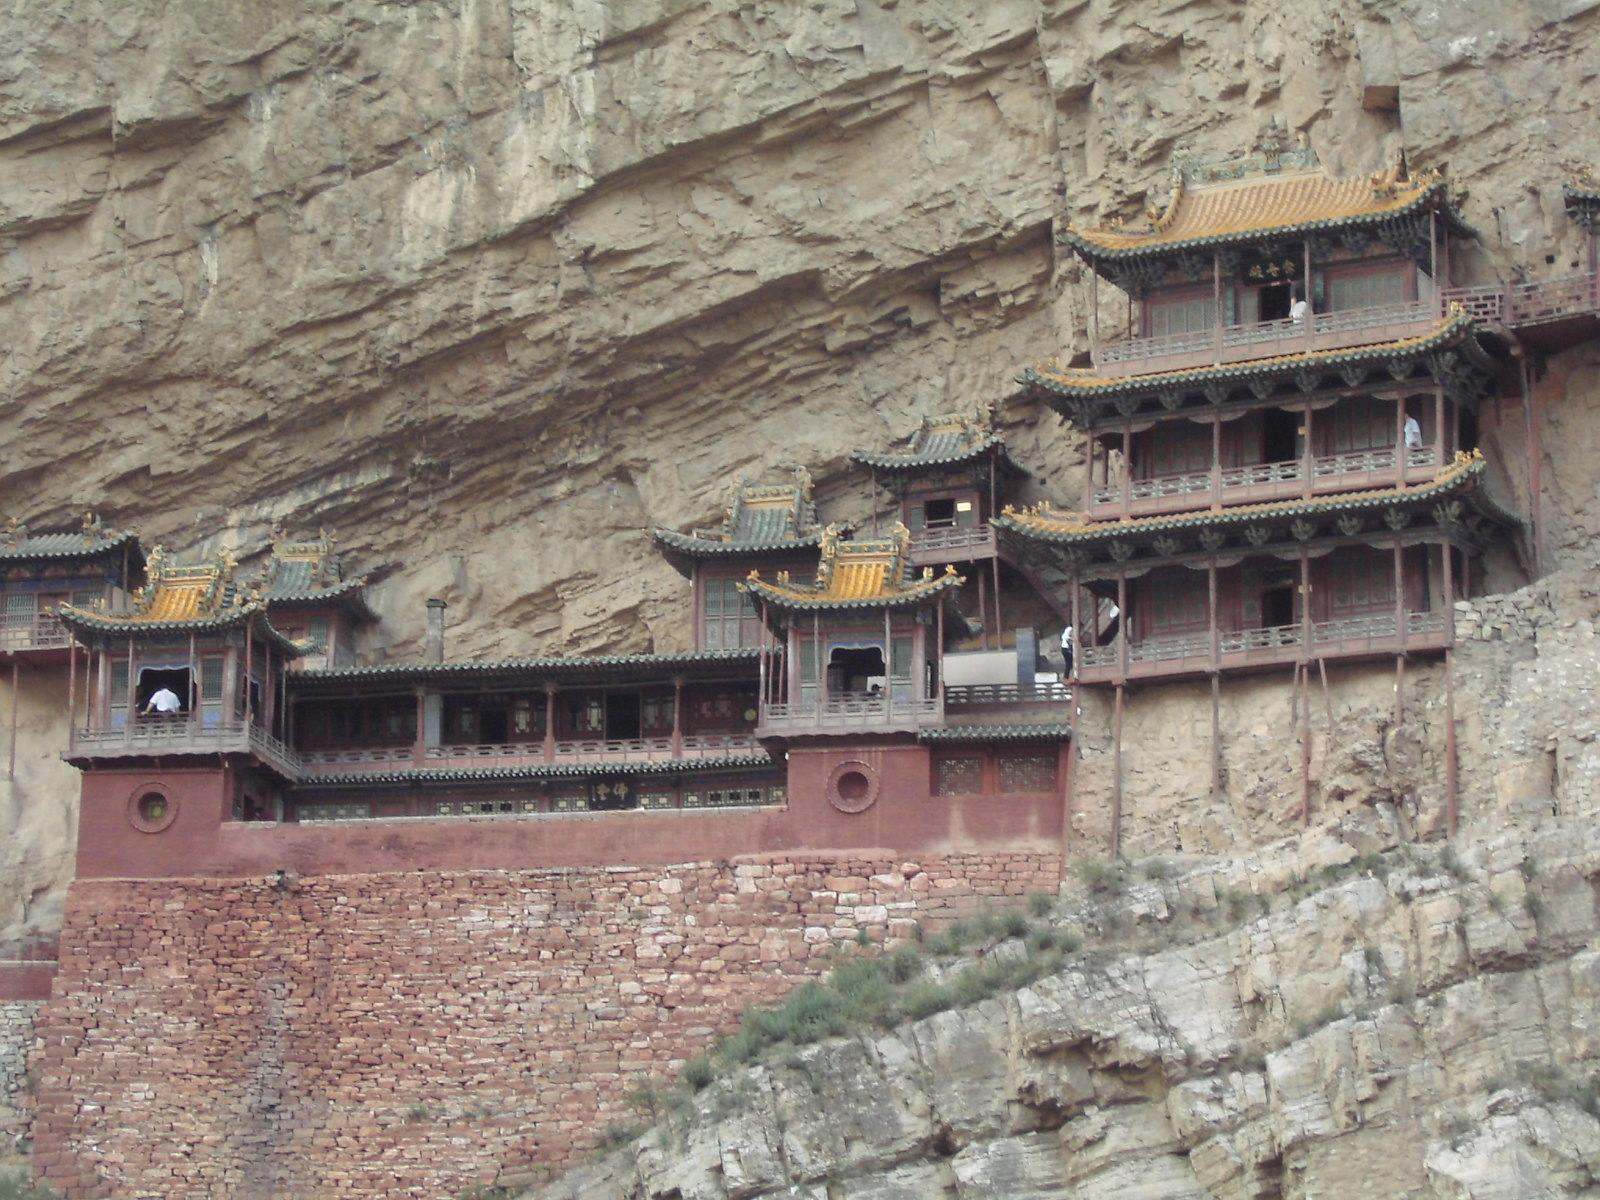 懸空寺(中国)行き方は?断崖絶壁にある世界遺産は迫力の寺院!